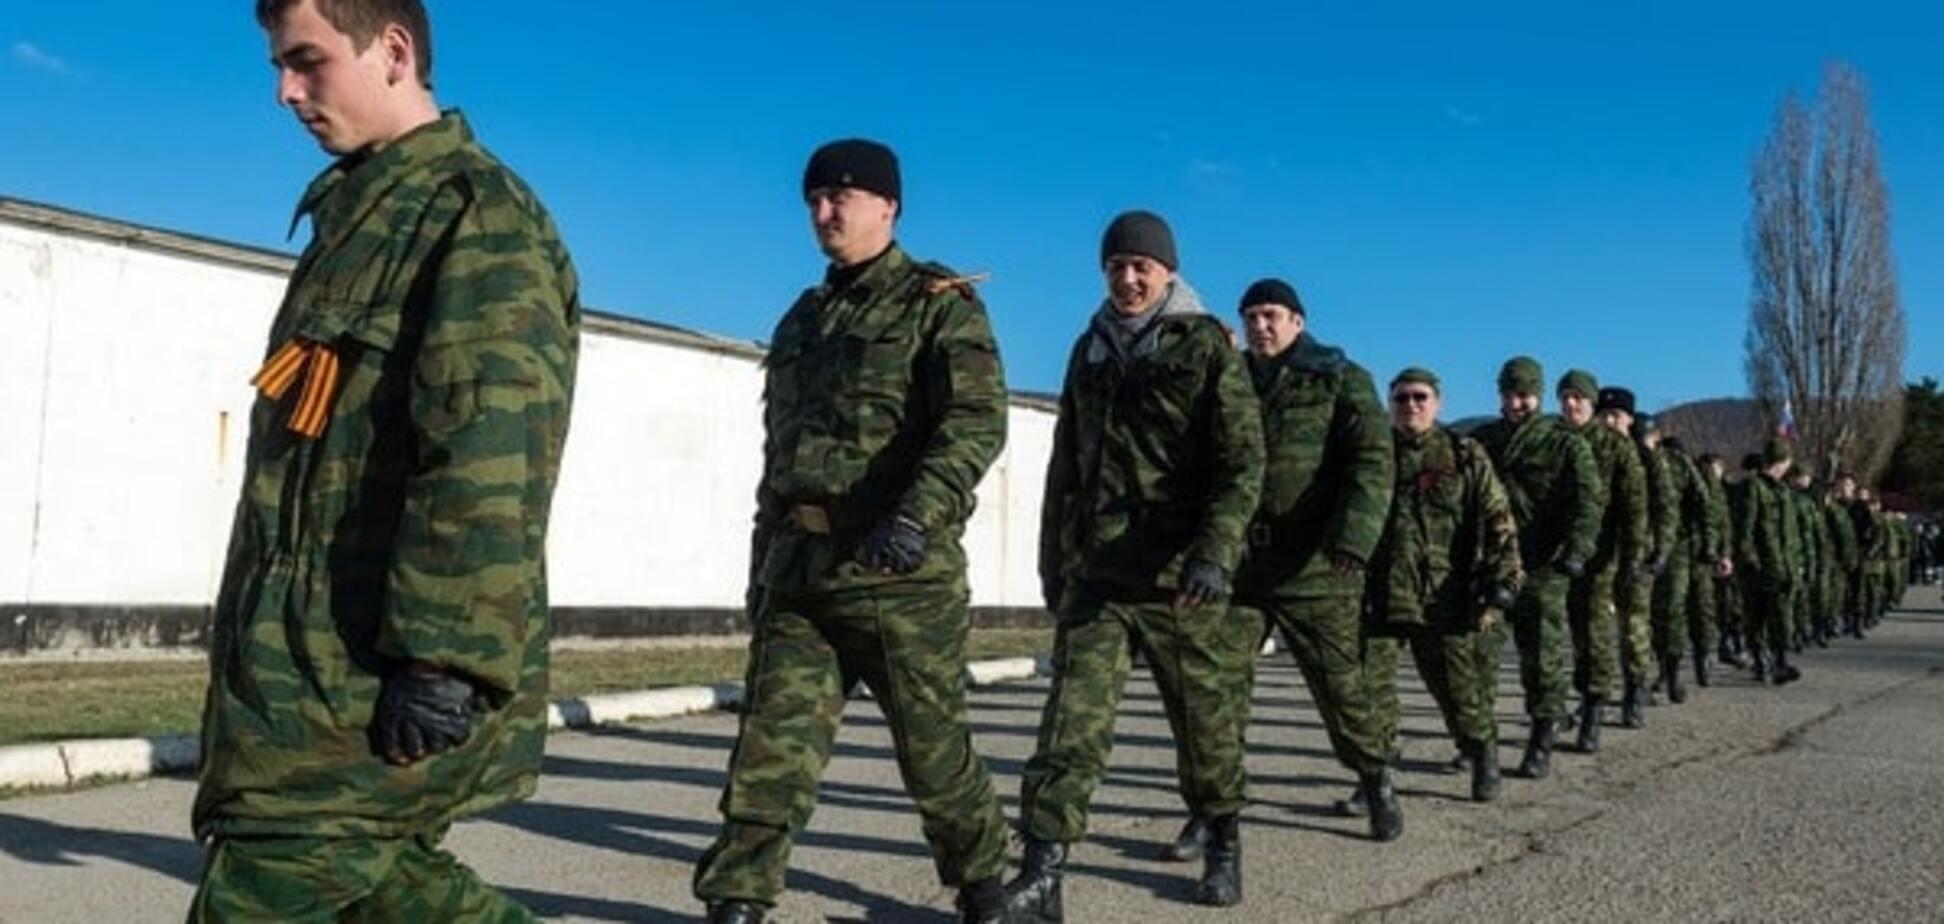 З початку 2016 року на Донбасі загинуло більше ста кадрових російських військових - ГУР